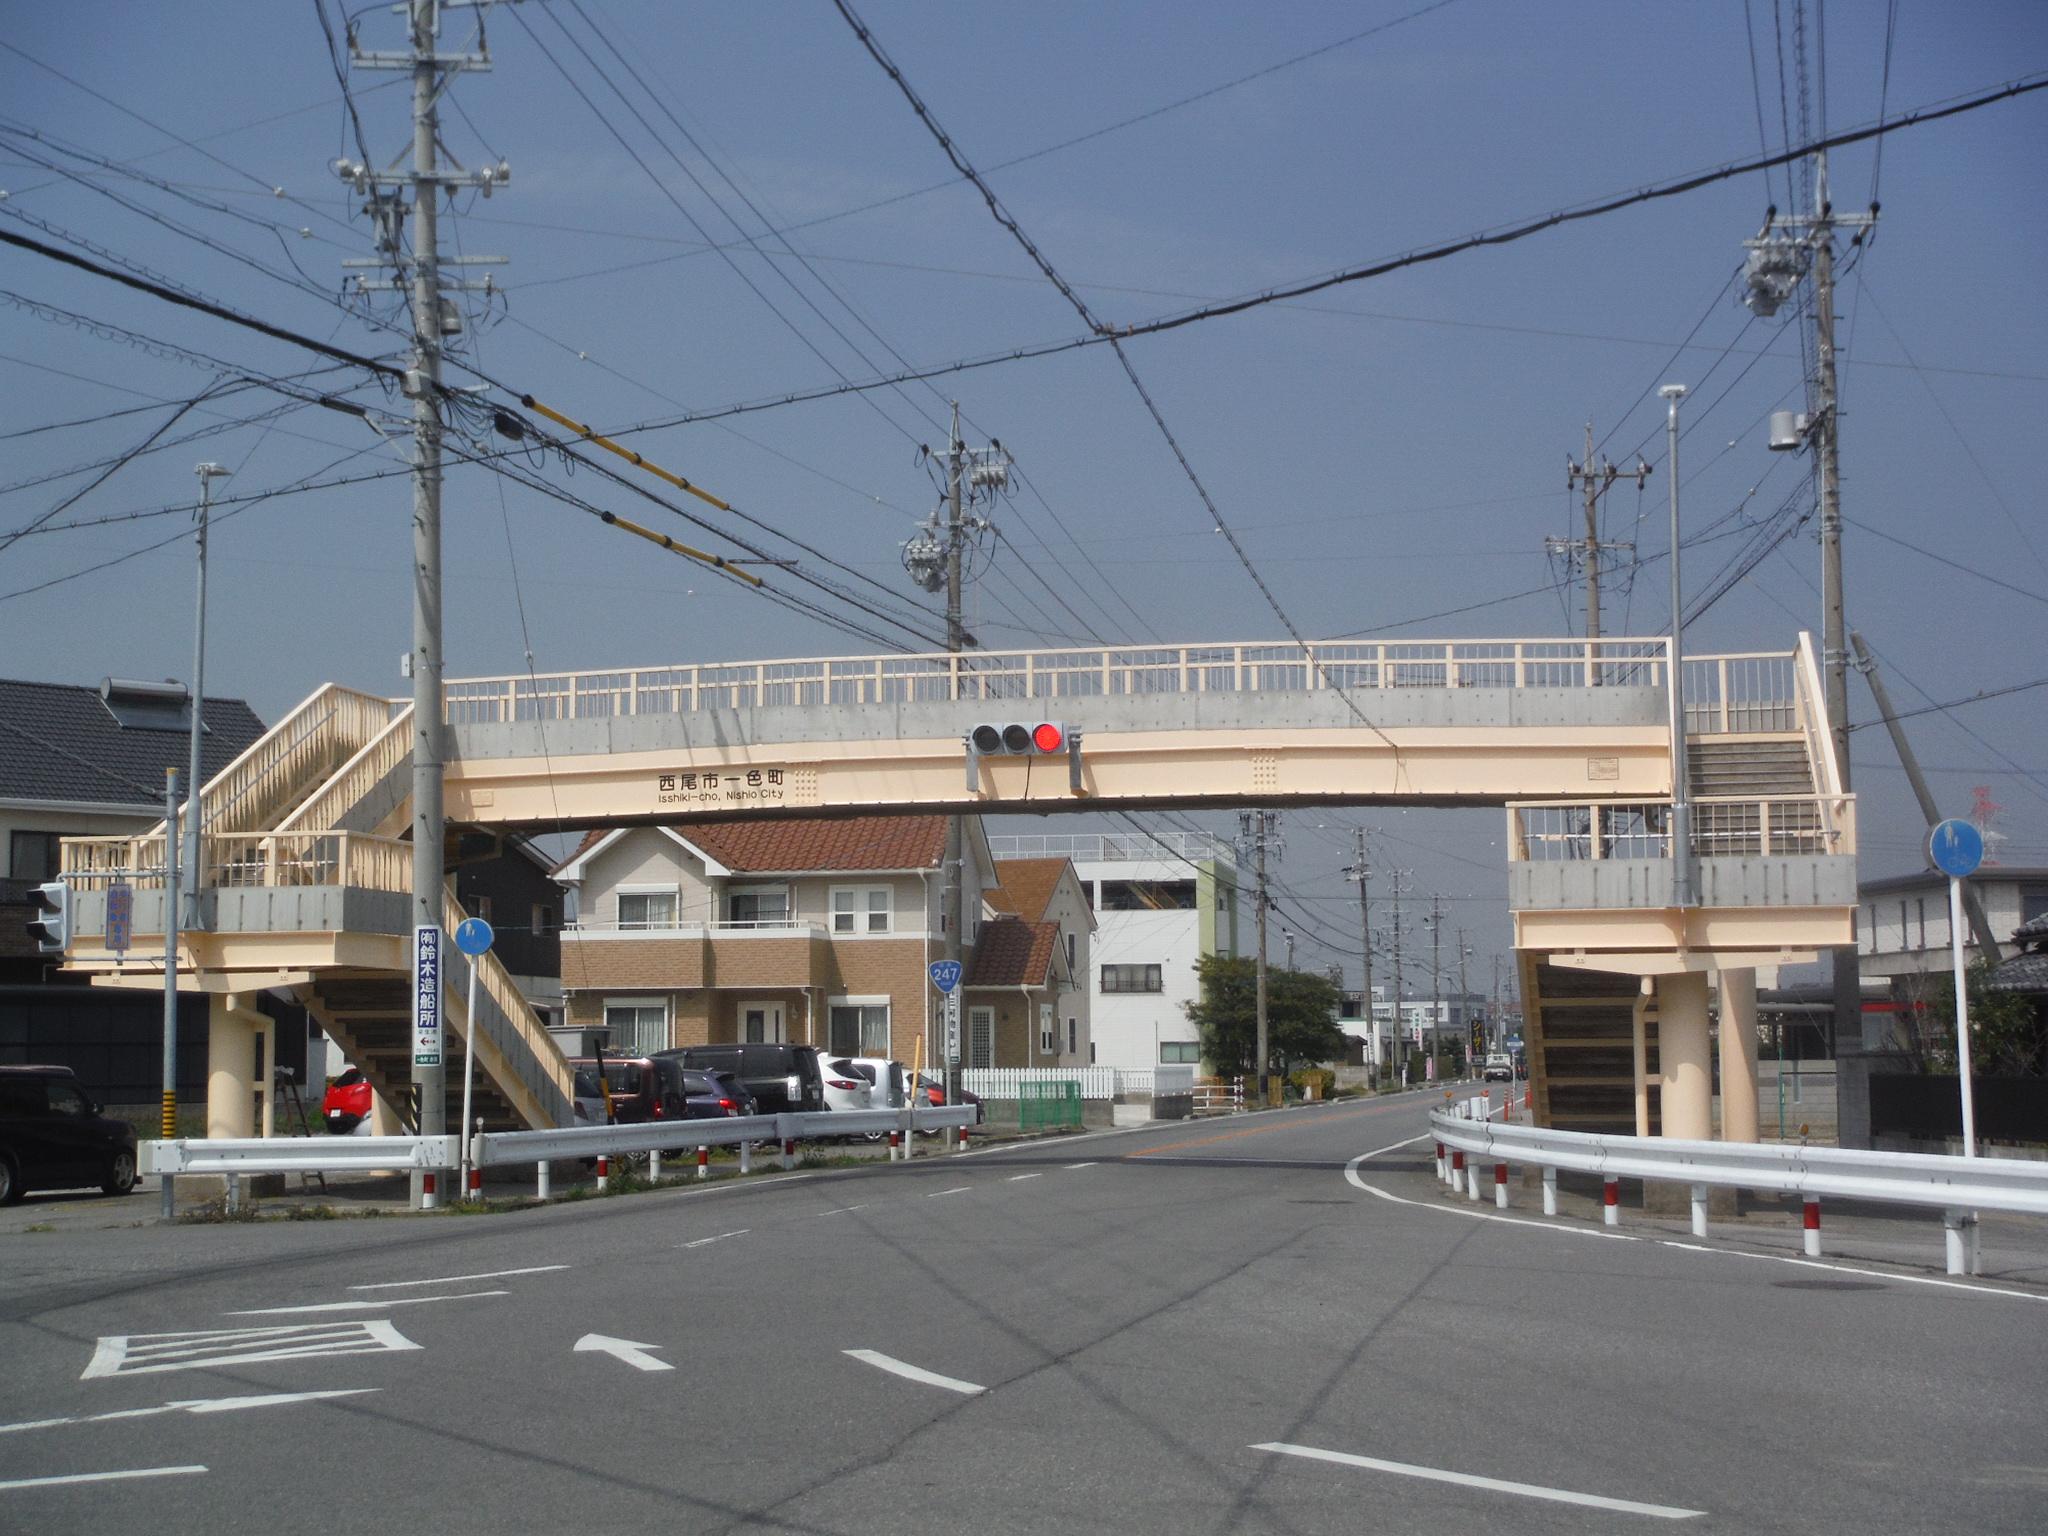 一色町横断歩道橋(愛知県)